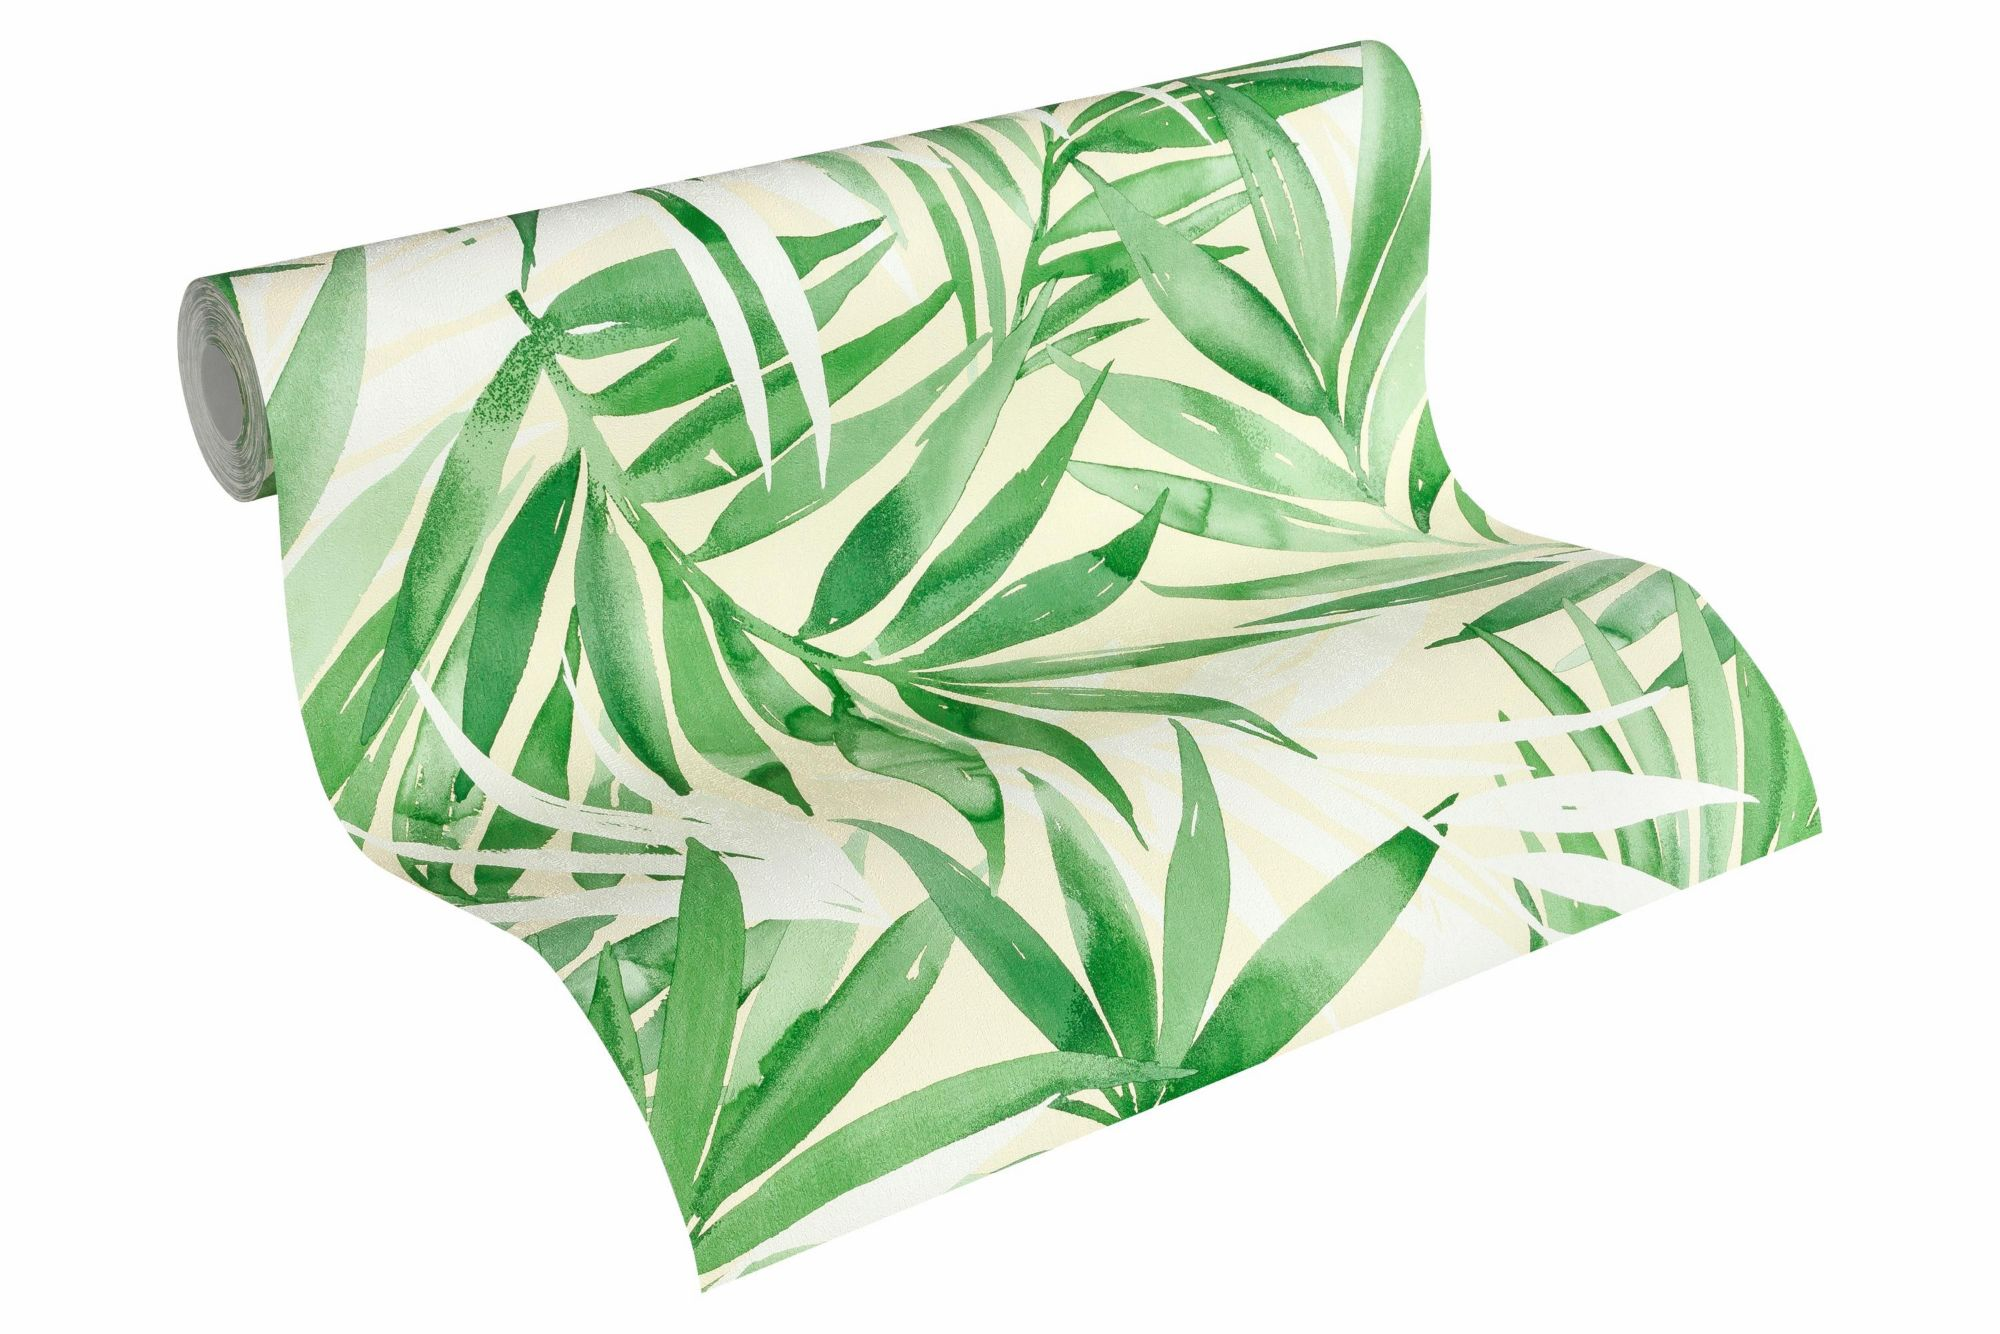 DESIGNDSCHUNGEL BY LAURA N Vliestapete, »Tapete mit Palmenprint Designdschungel by Laura N.«, grasgrün, weißgrün, weiß, hellelfenbein